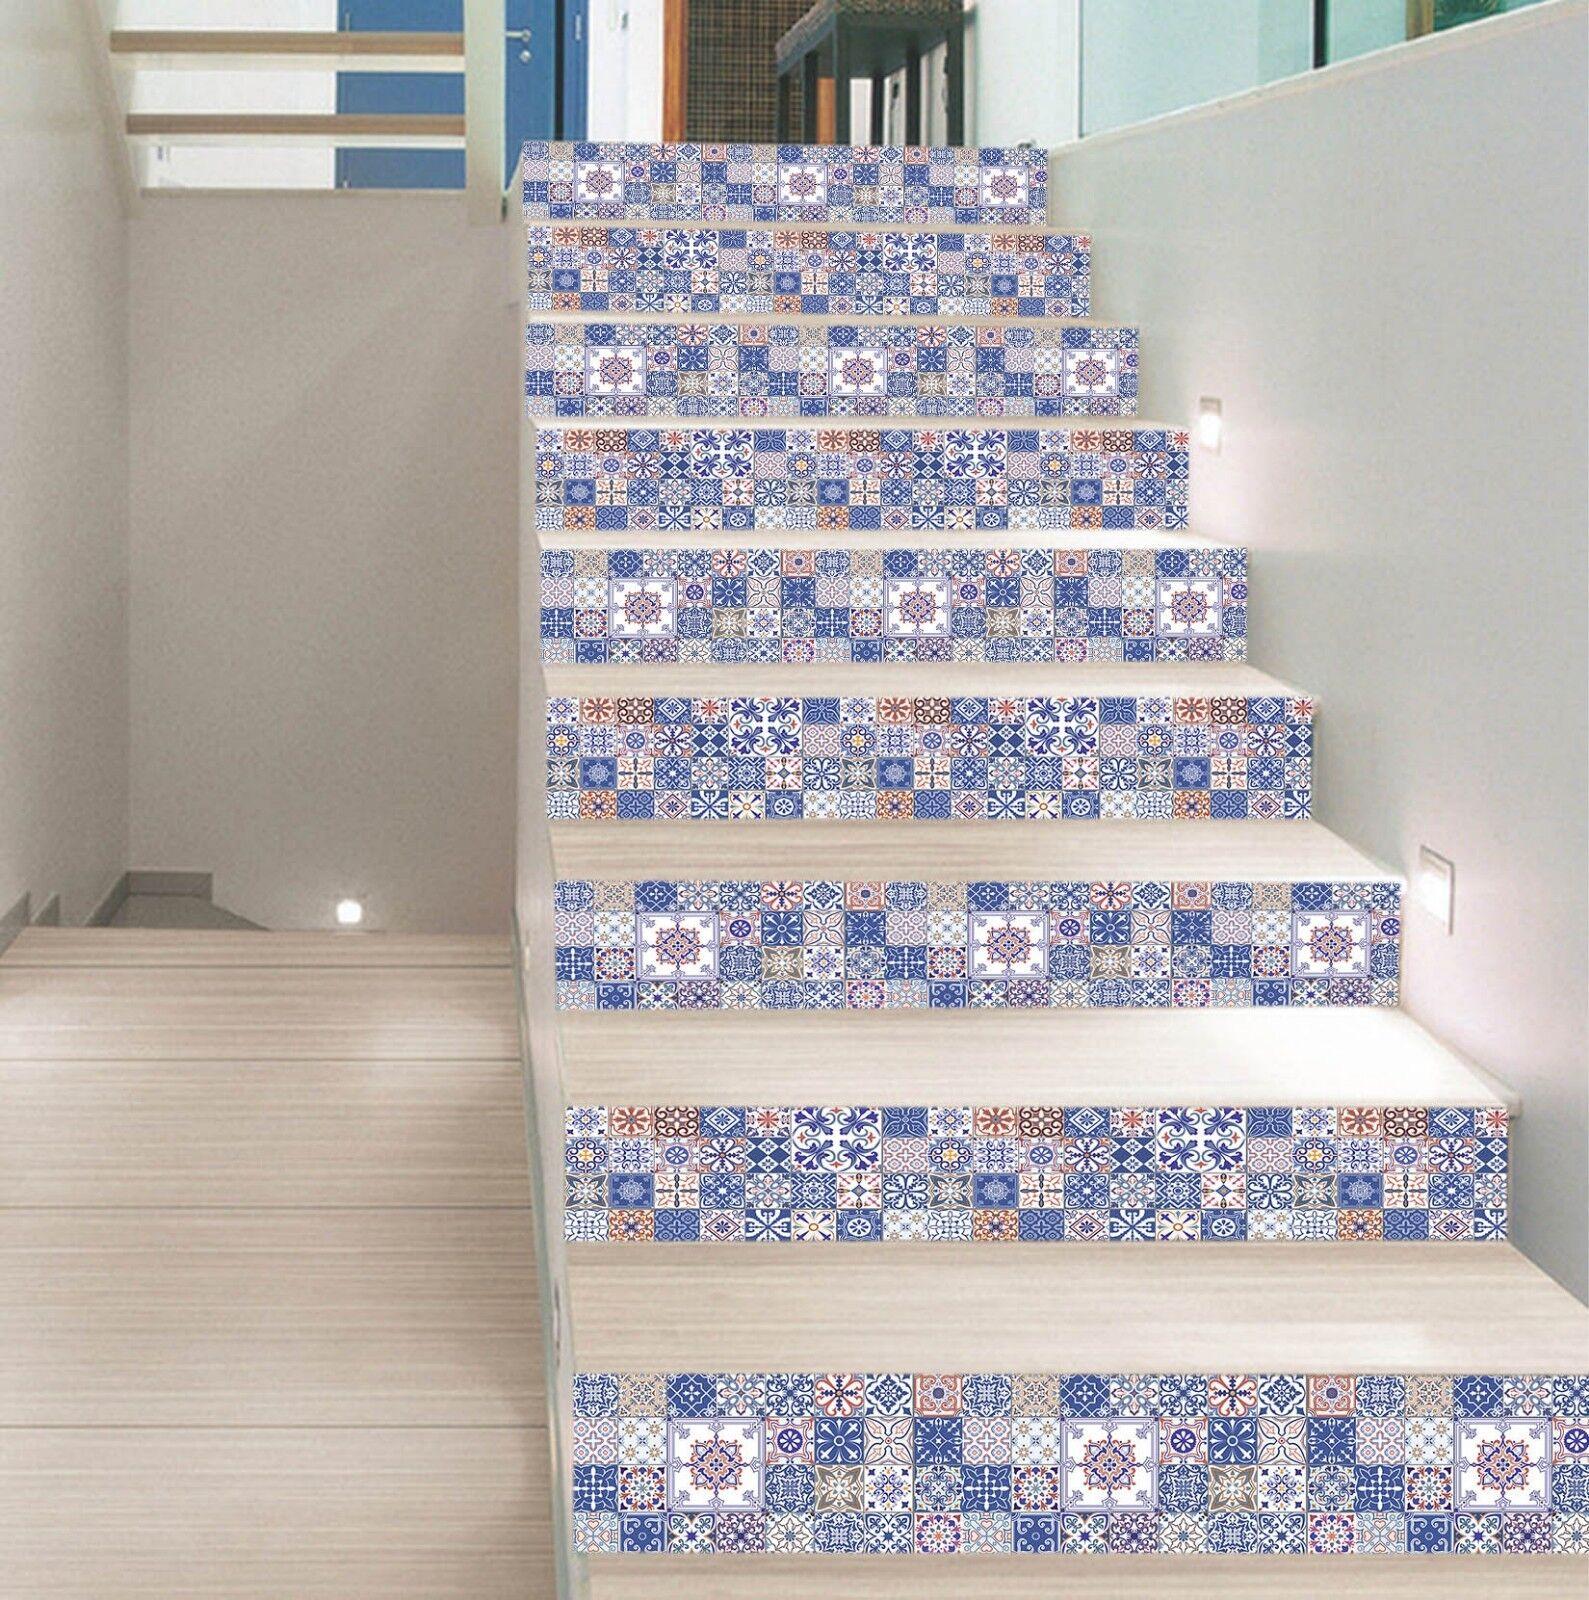 3D Blaume Muster 89 Fliese Marmor Stair Risers Fototapete Vinyl Aufkleber Tapete